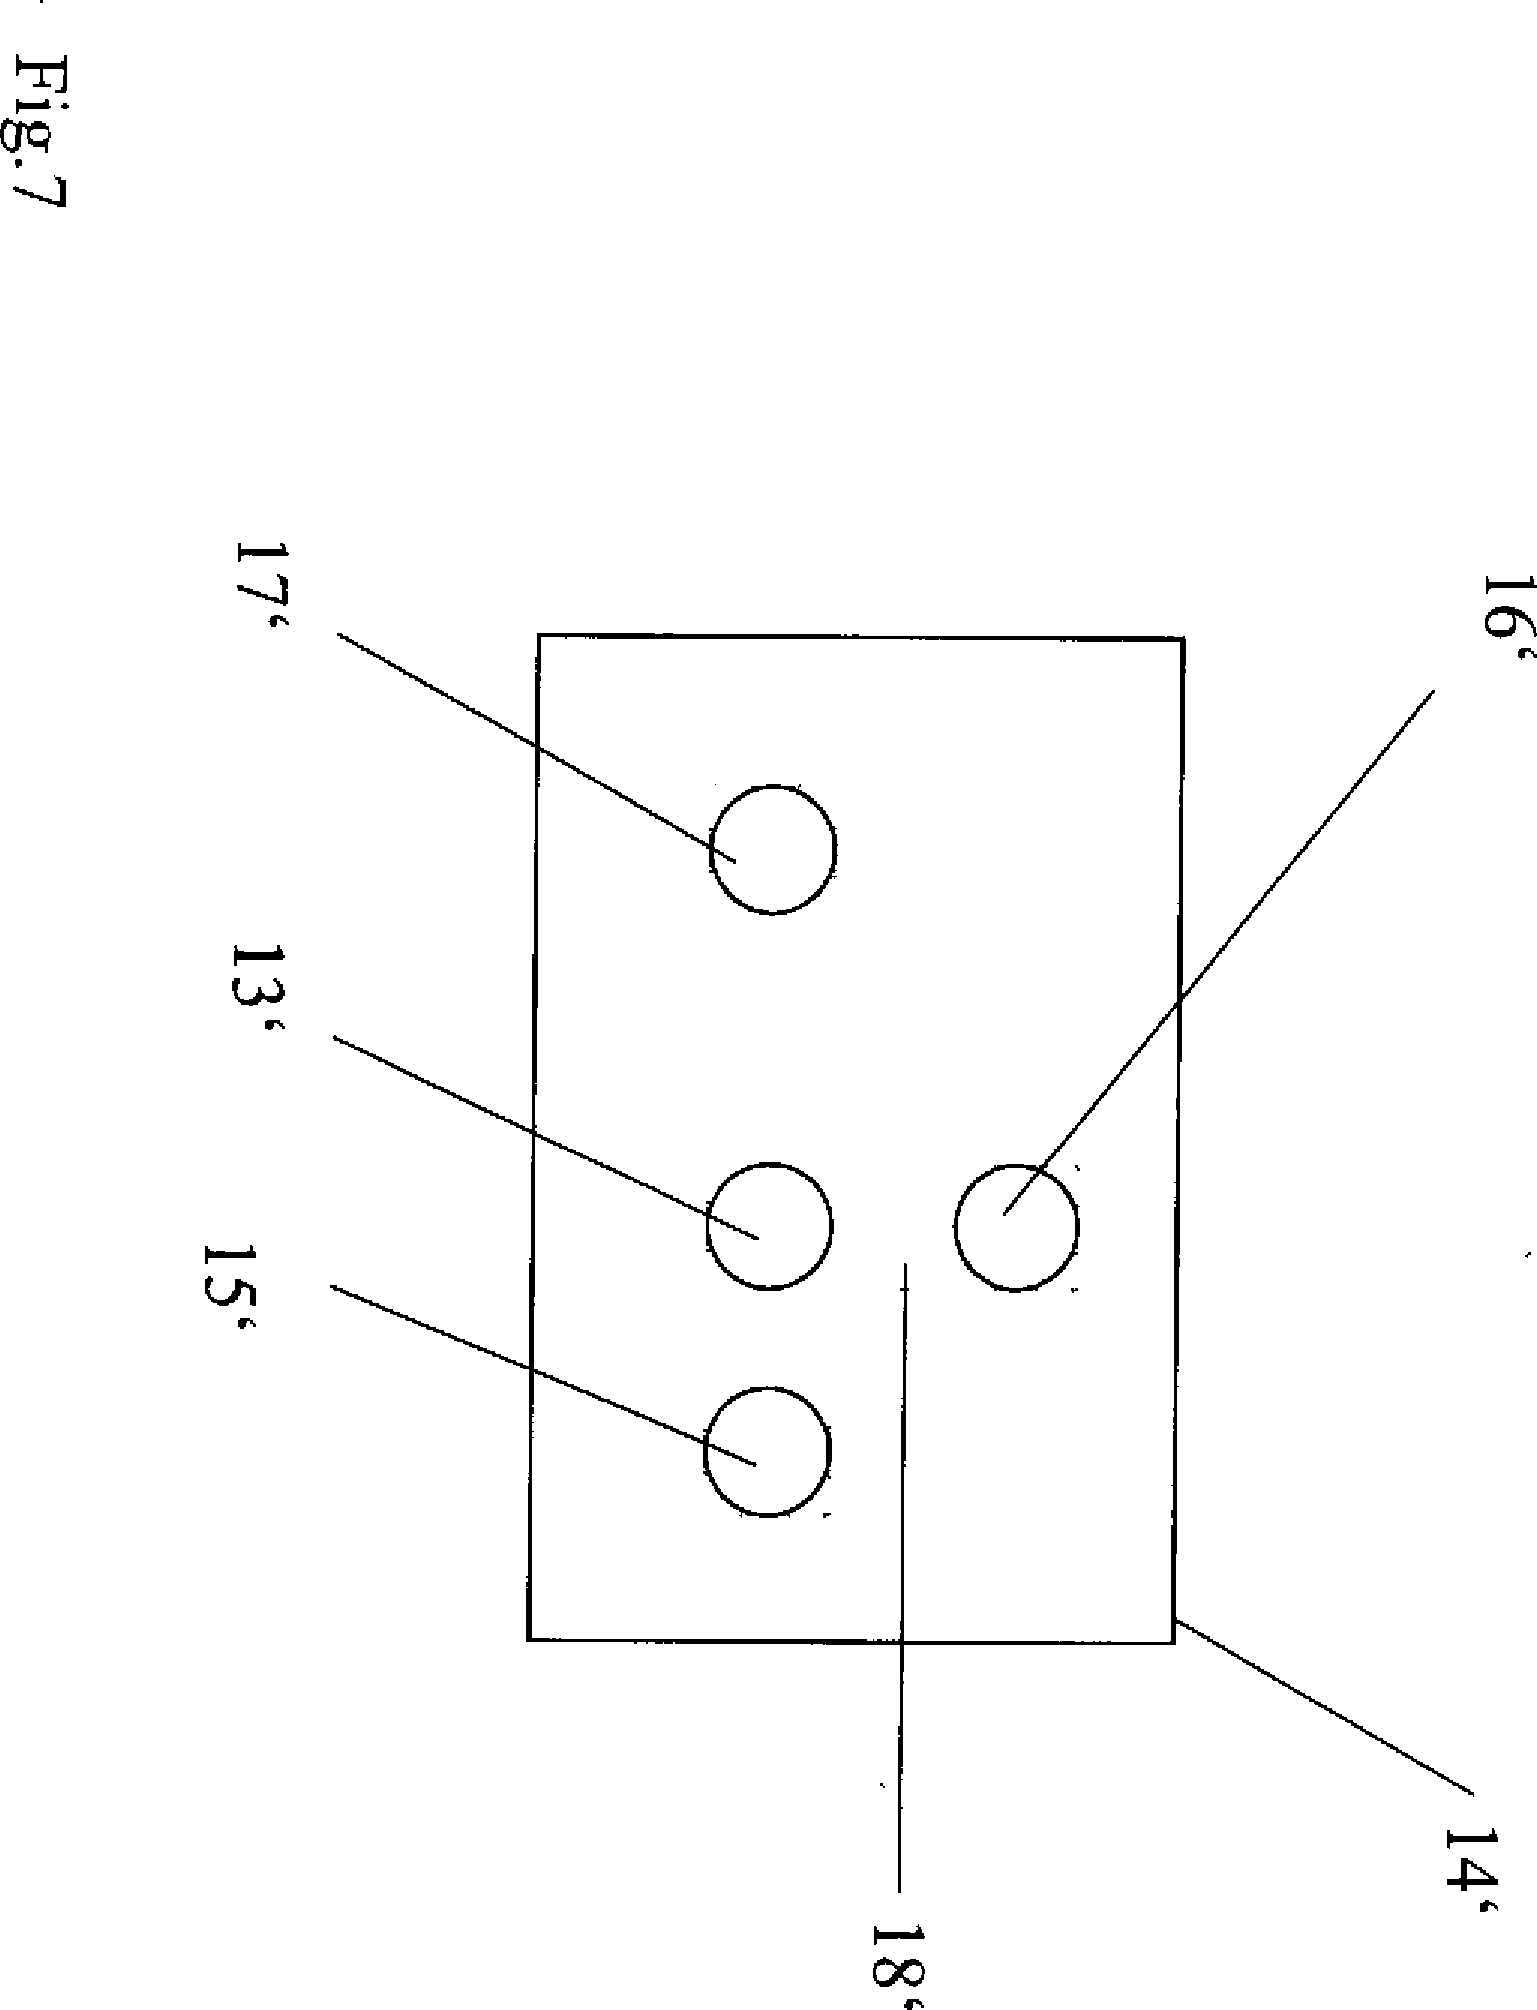 Ungewöhnlich Bosch Sauerstoffsensor Schaltplan Galerie - Schaltplan ...